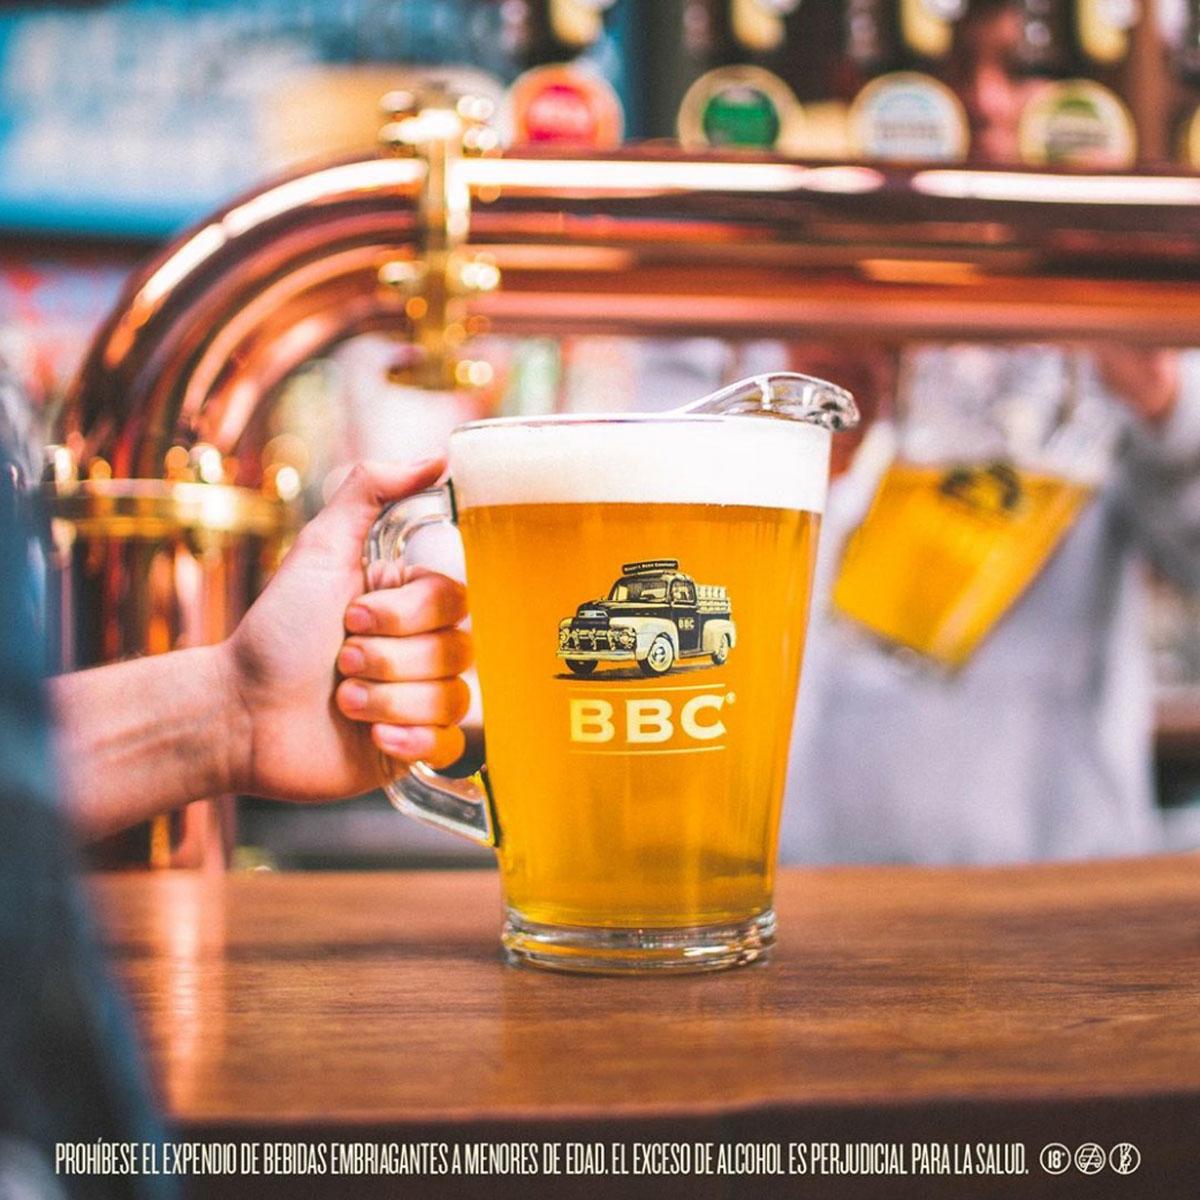 BBC Cerveza